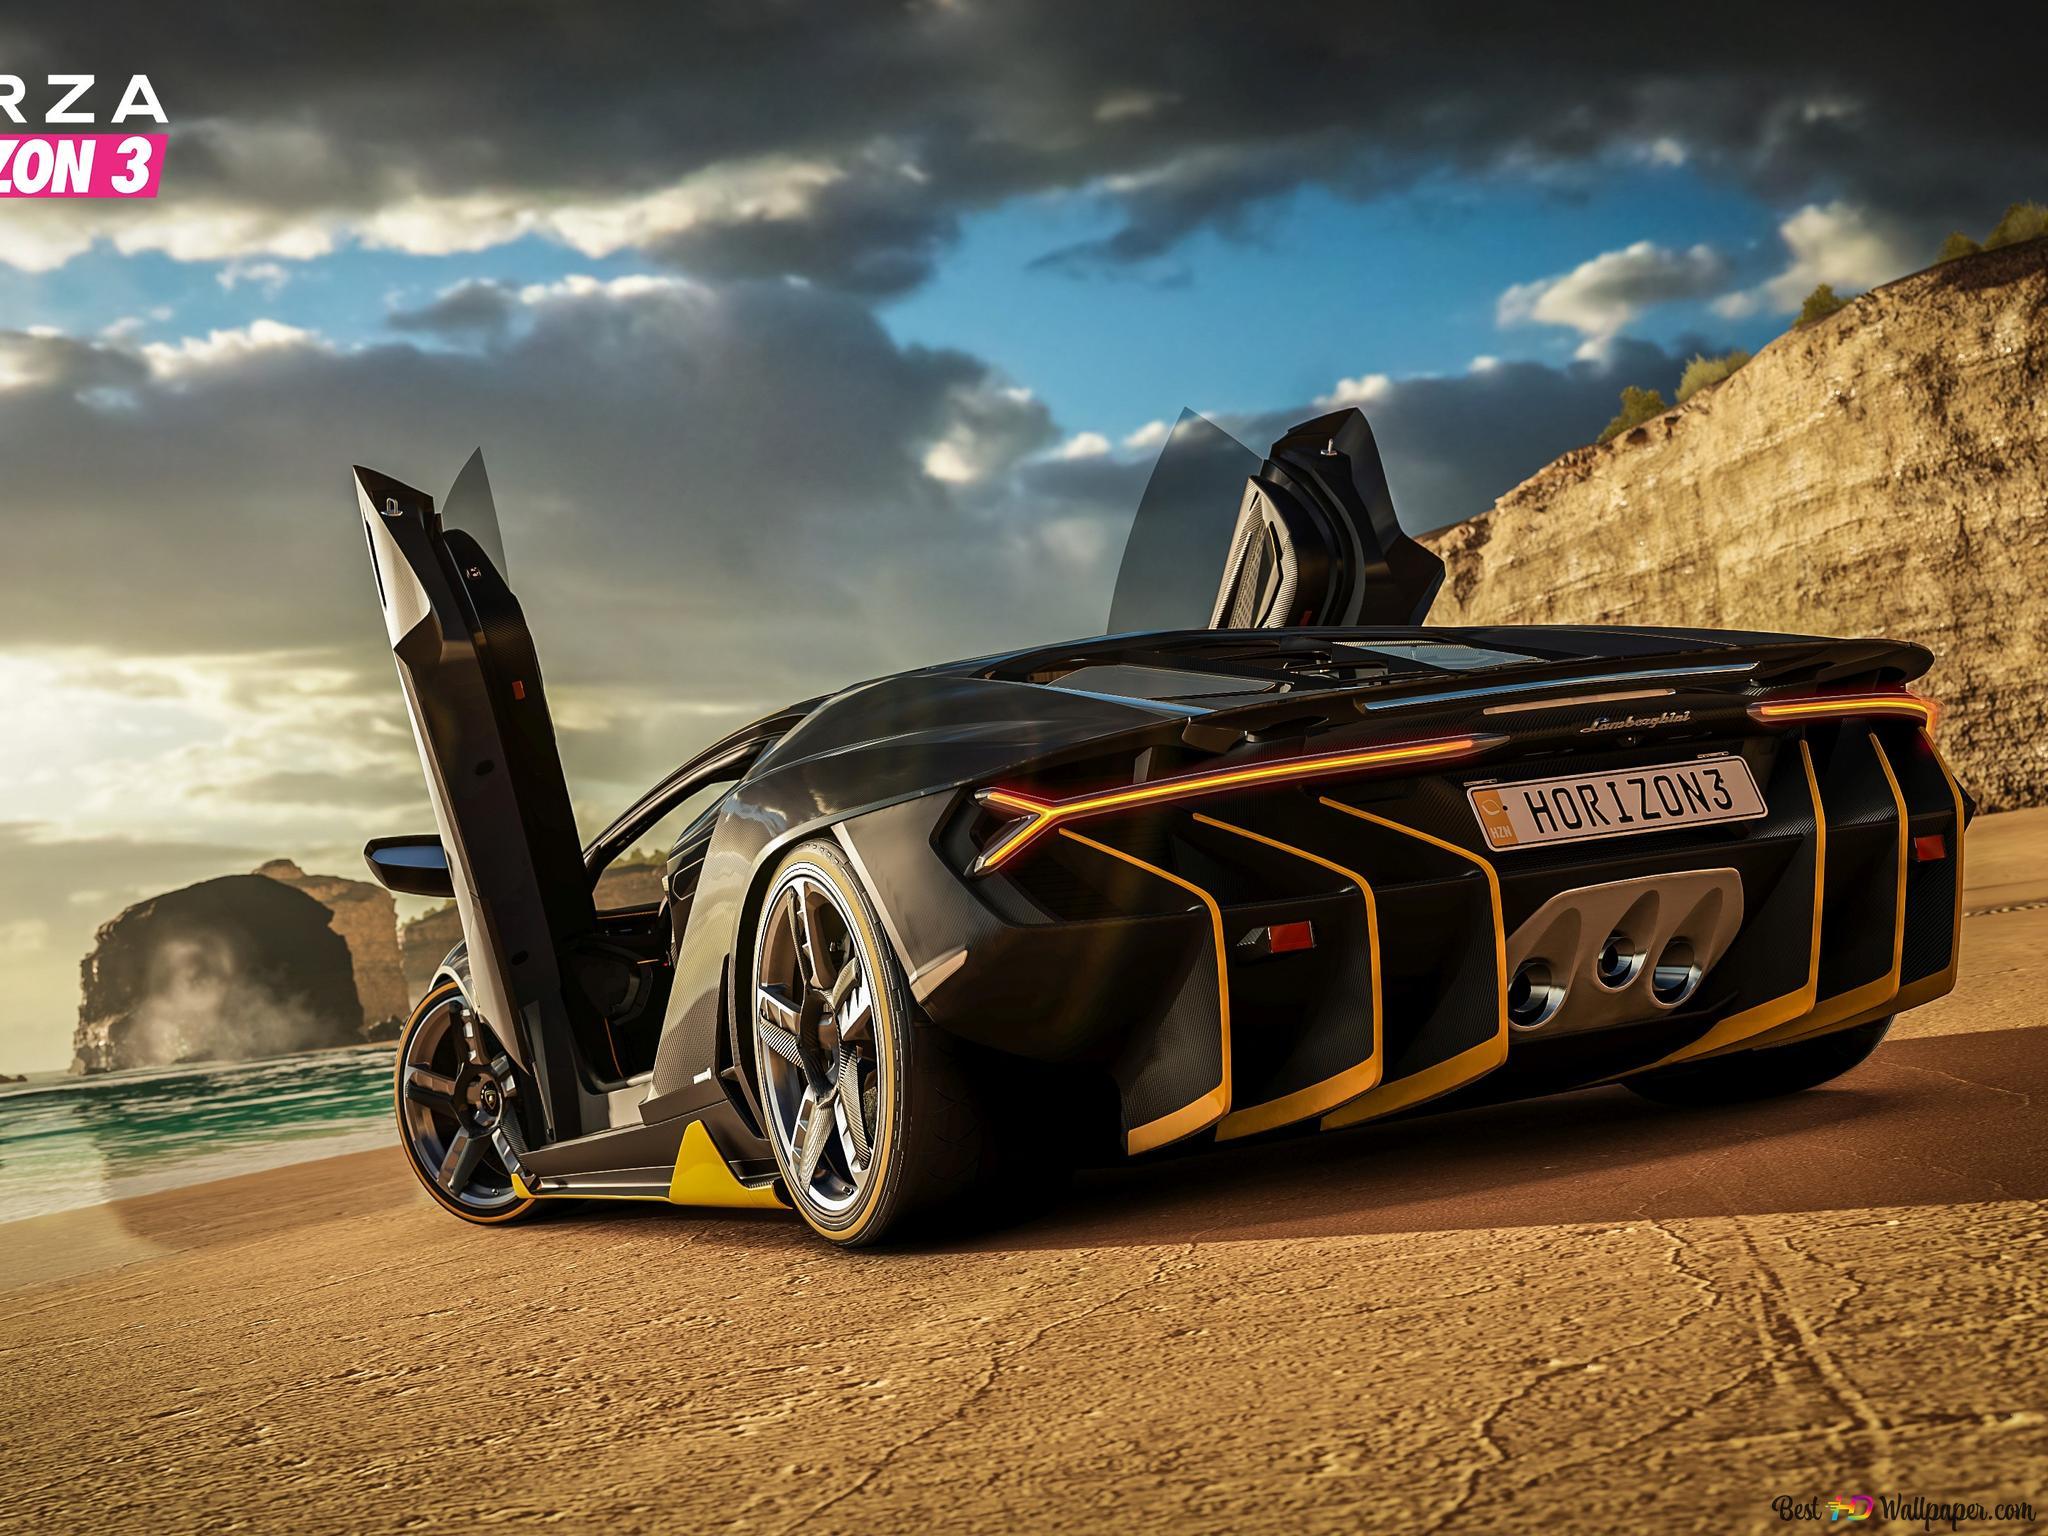 Forza Horizon 3 Game Lamborghini Racing Car Hd Wallpaper Download